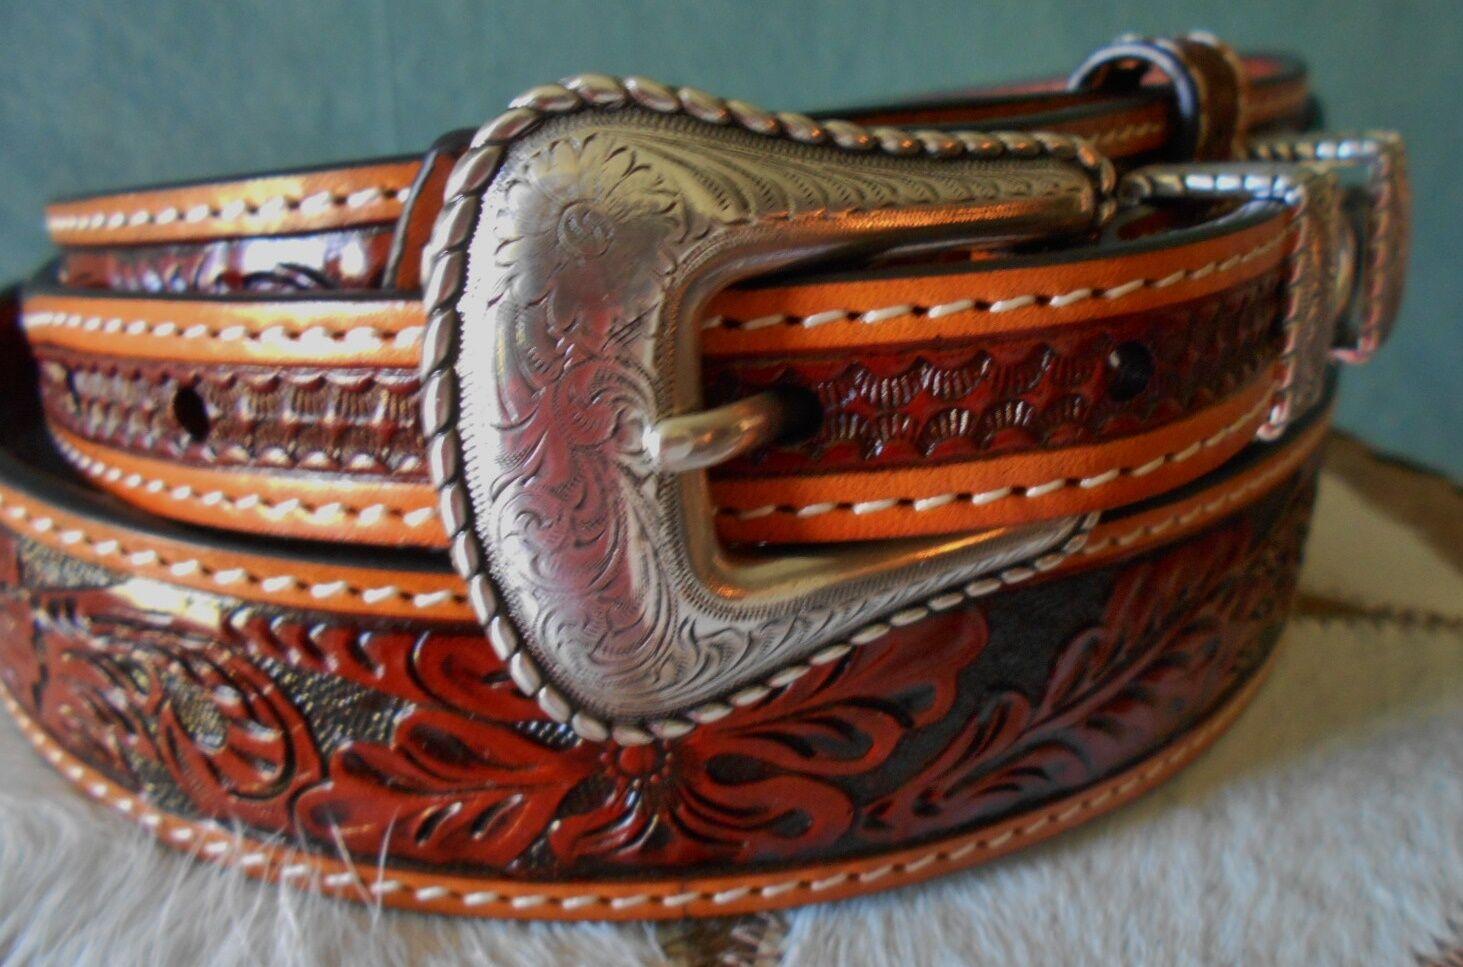 Cinturón de cuero occidental Fileteado Reiner Unisex Ranger Diseño 1 3 8 Rodeo Cinturón